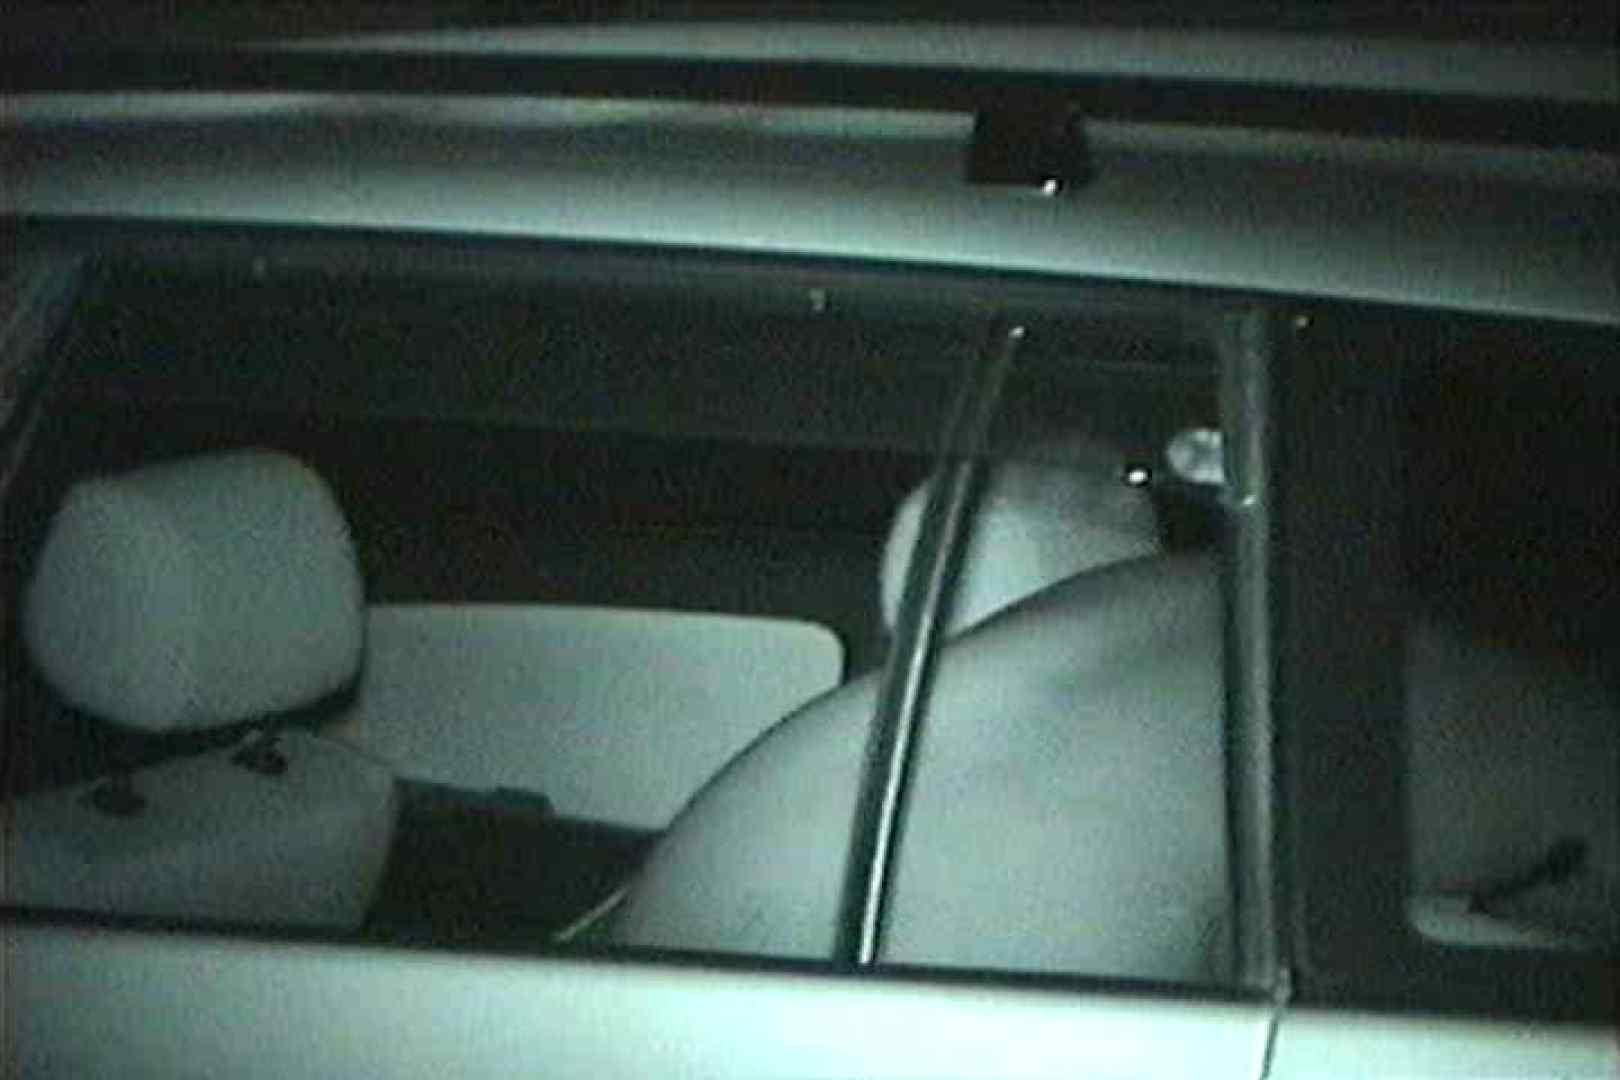 車の中はラブホテル 無修正版  Vol.24 素人  56pic 7